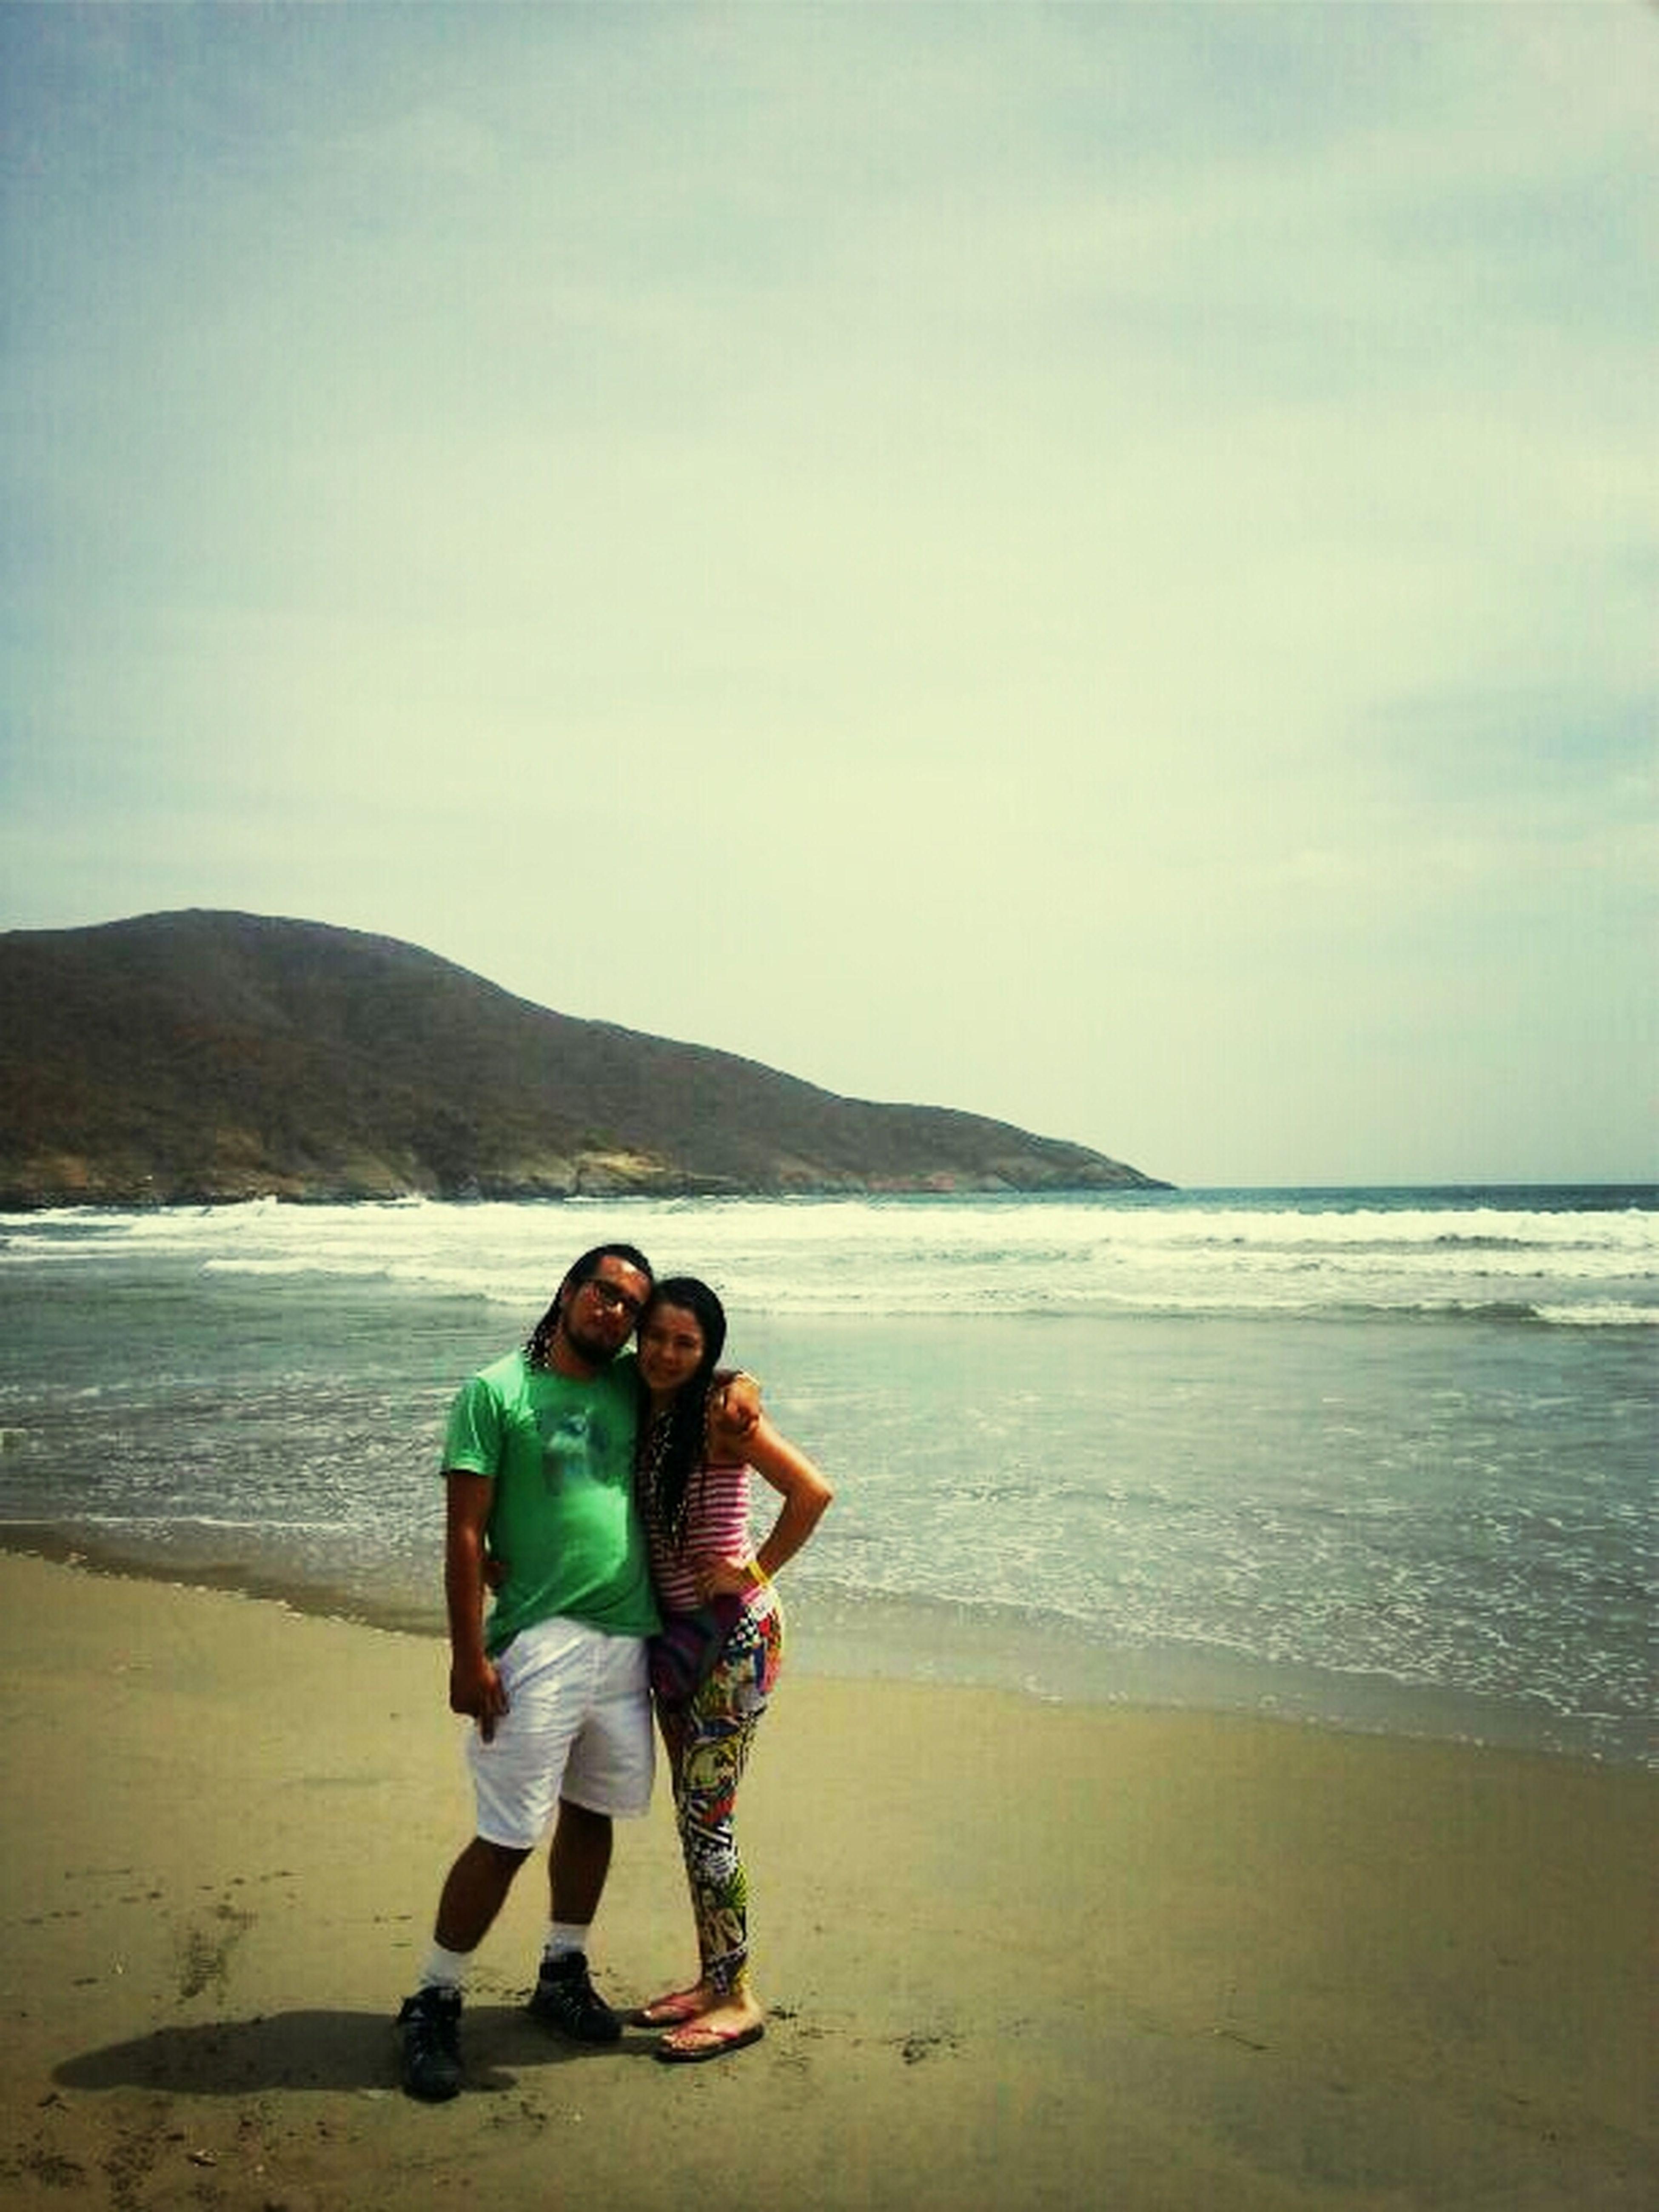 con mi esposo en la playa 7 olas